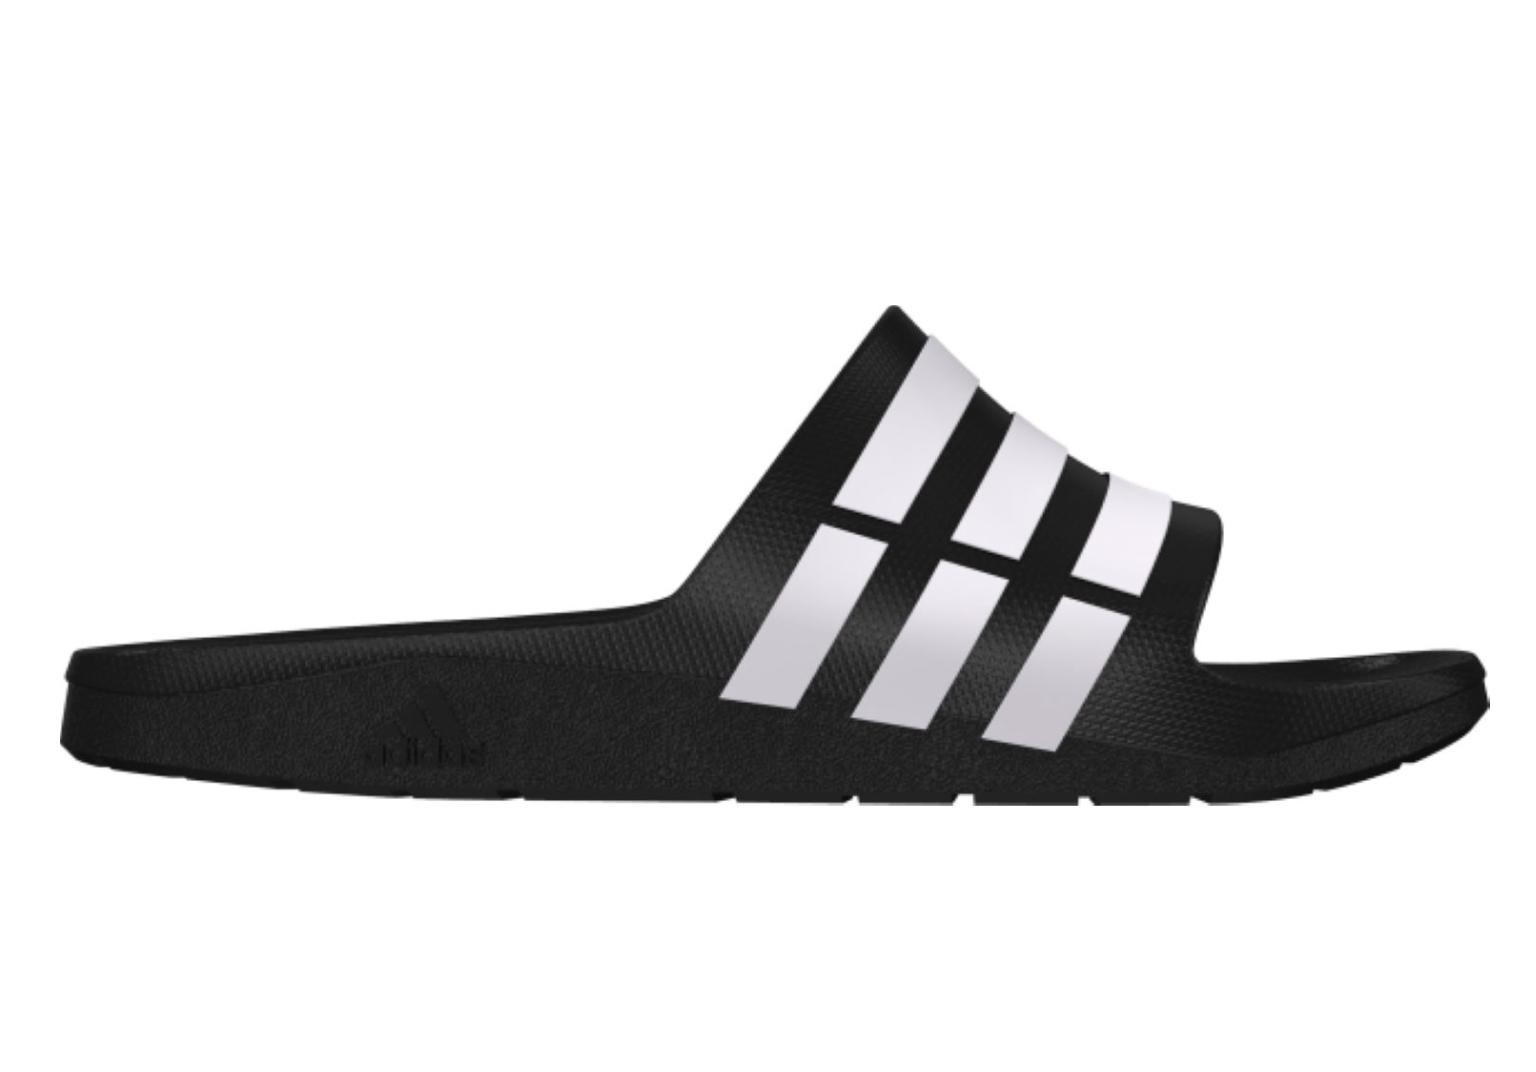 adidas duramo slide slide slide unisex bianco & nero sandali piscina scarpe estate | flagship store  | Di Qualità Fine  | Più pratico  | Uomo/Donne Scarpa  | Scolaro/Signora Scarpa  | Uomo/Donne Scarpa  46a346